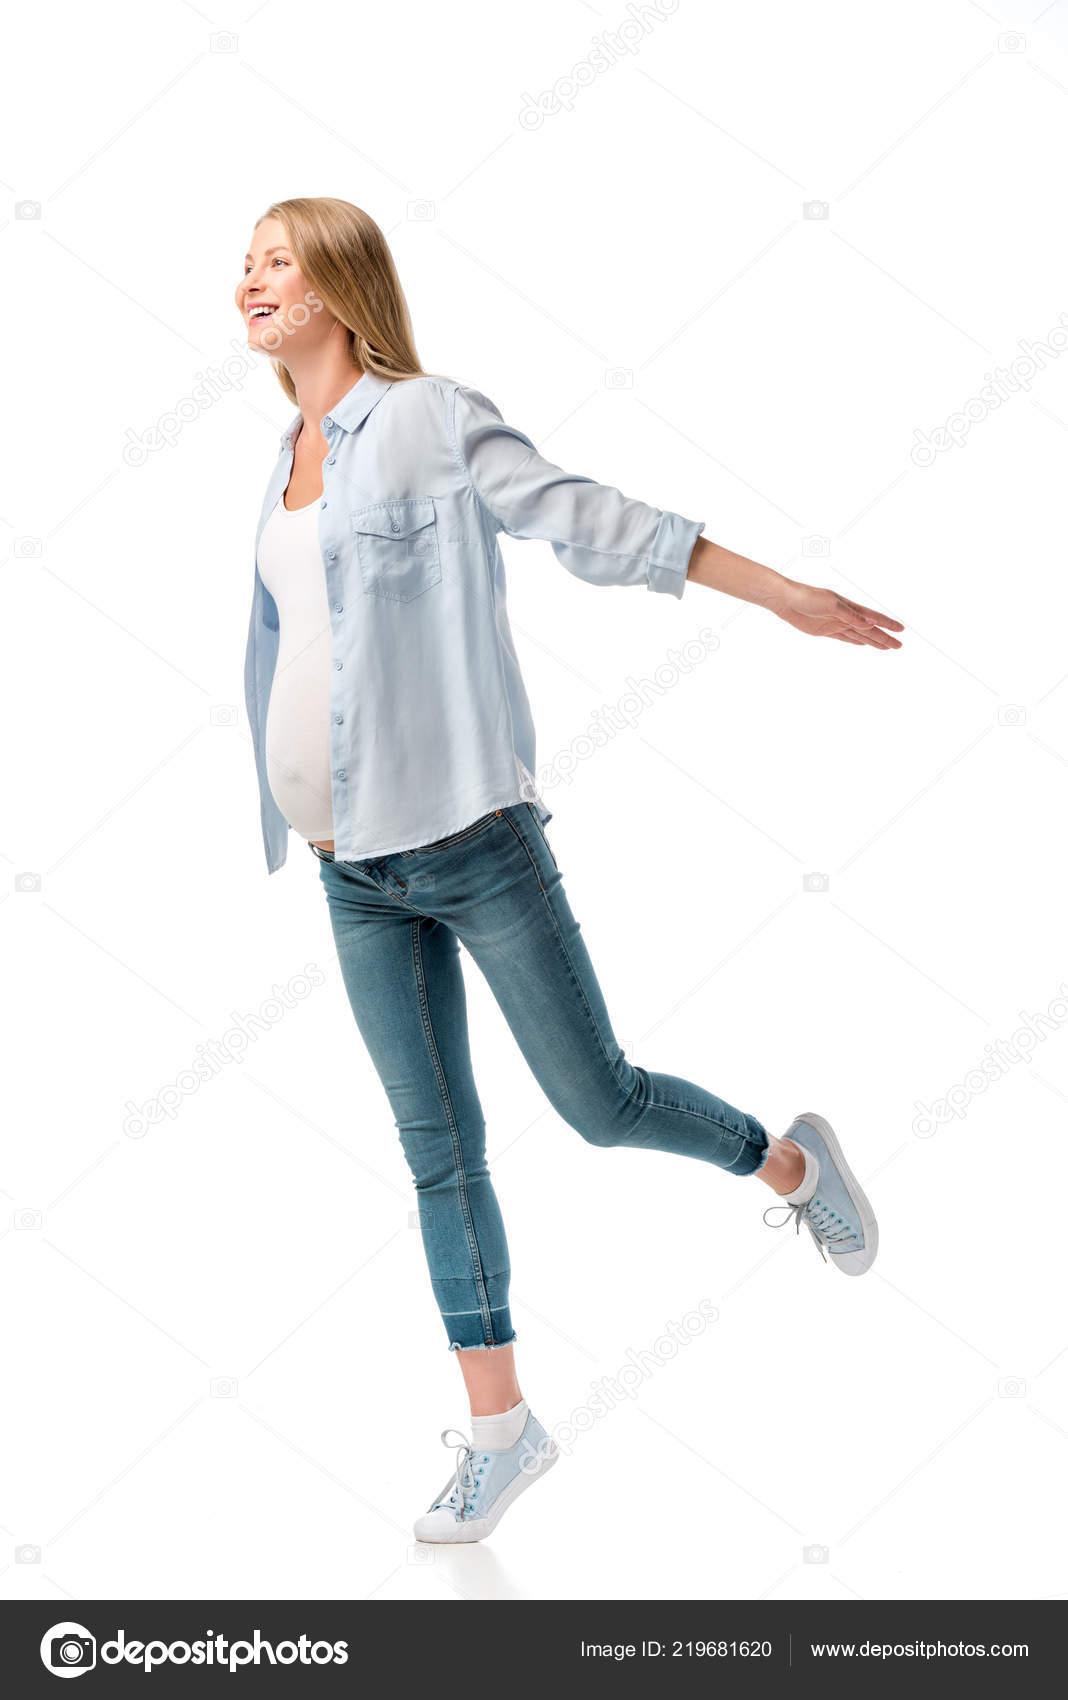 0eebd94aae Feliz Bella Mujer Embarazada Camisa Pantalones Vaqueros Aislados Blanco —  Foto de Stock